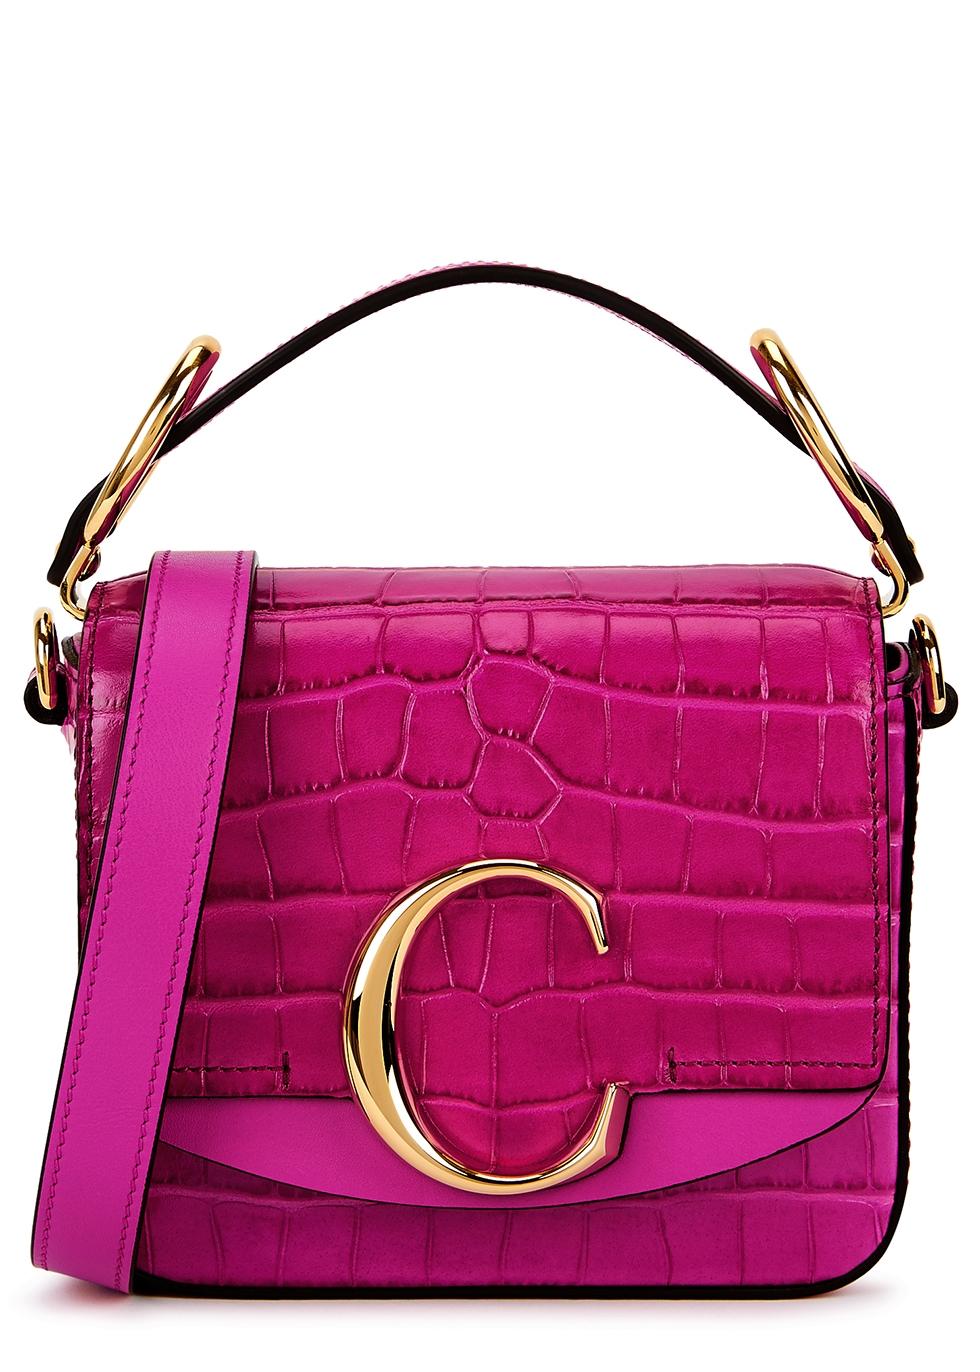 b1d6962707a Women's Designer Bags, Handbags and Purses - Harvey Nichols